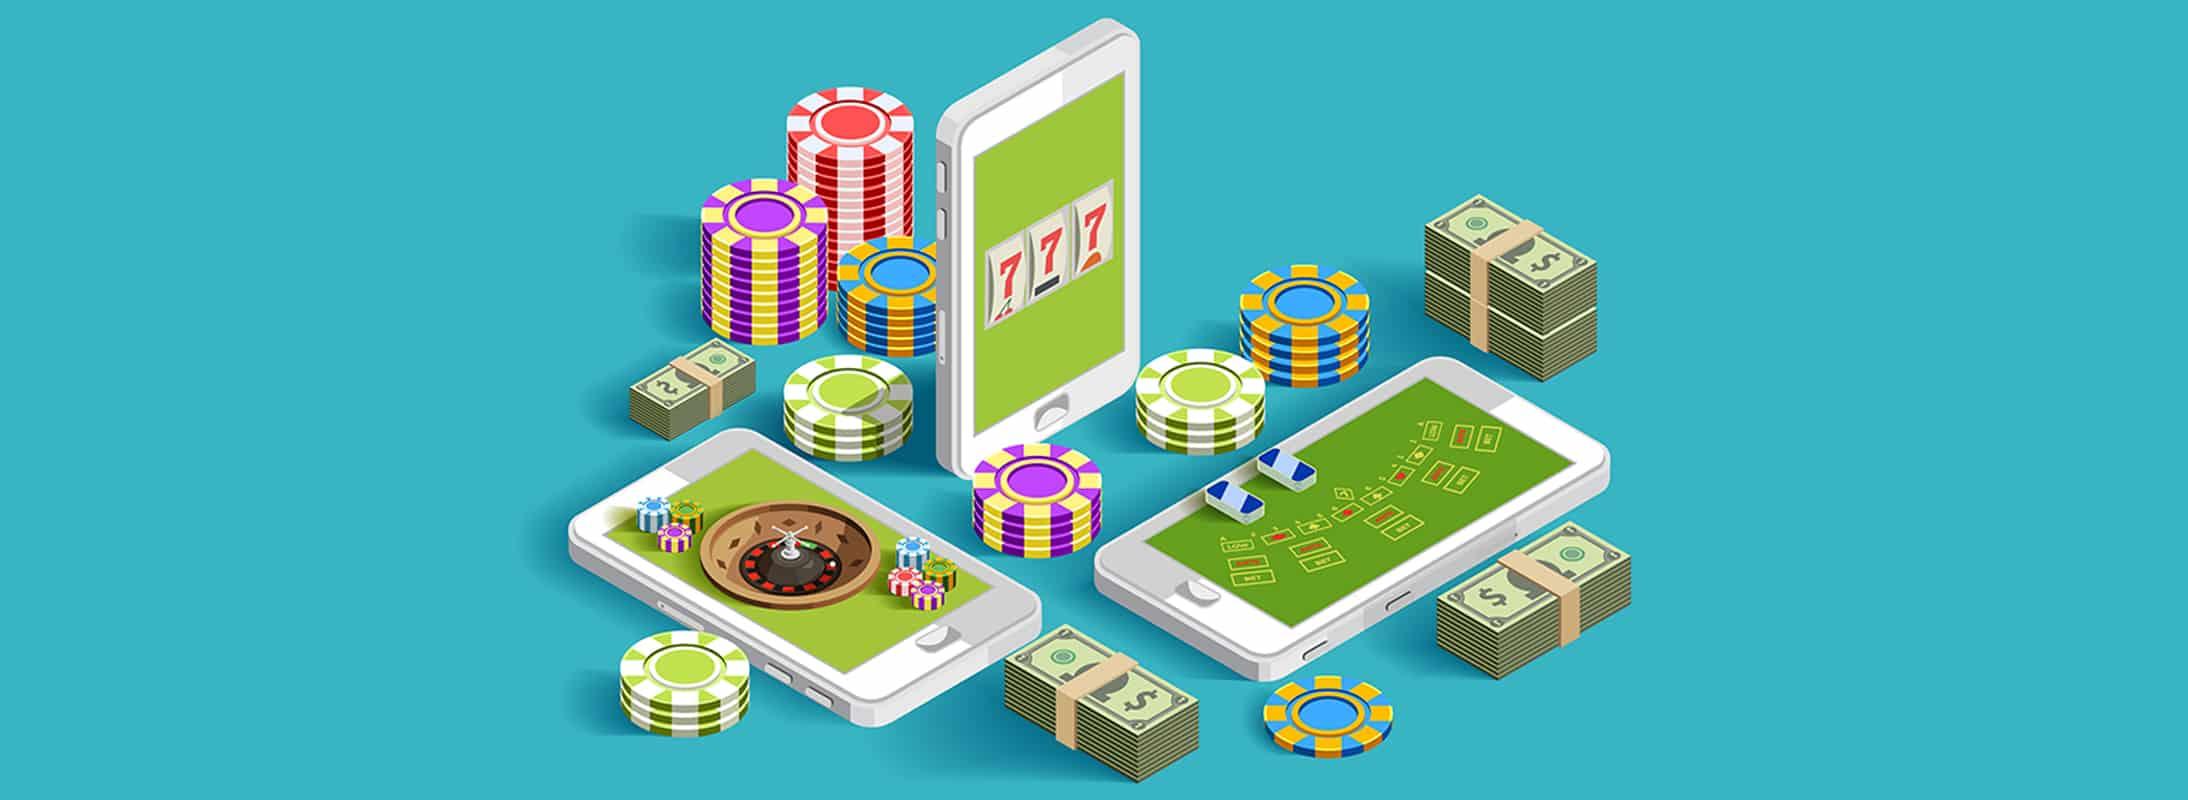 Was ist der Unterschied zwischen einem globalen und einem lokalen Jackpot element01 - CasinoTop